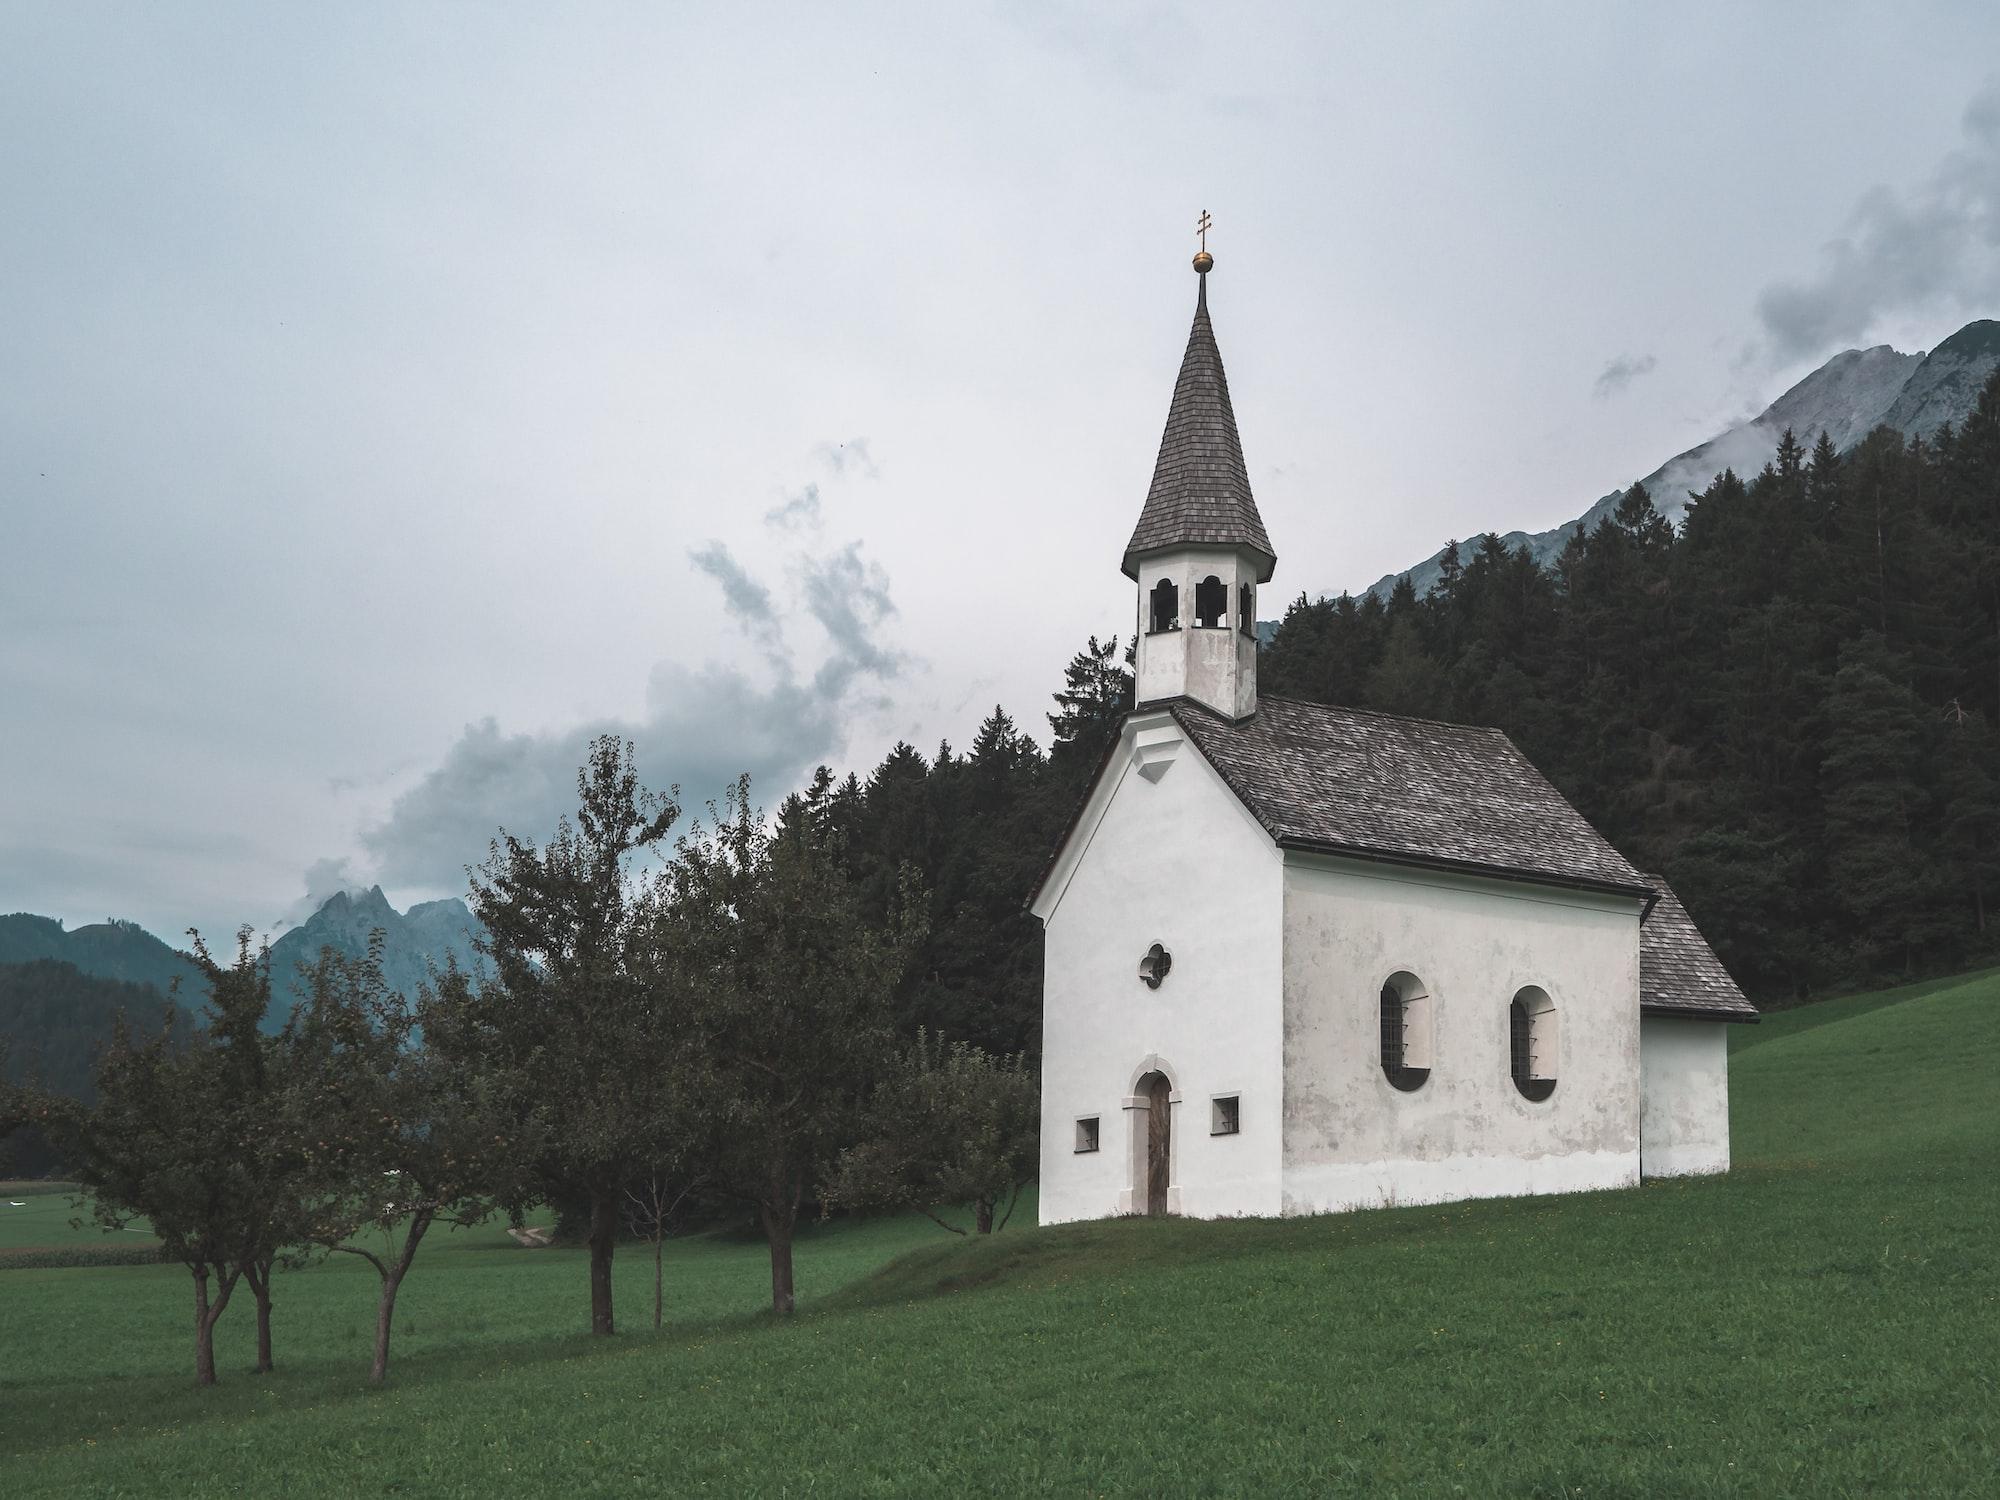 gloomy faith